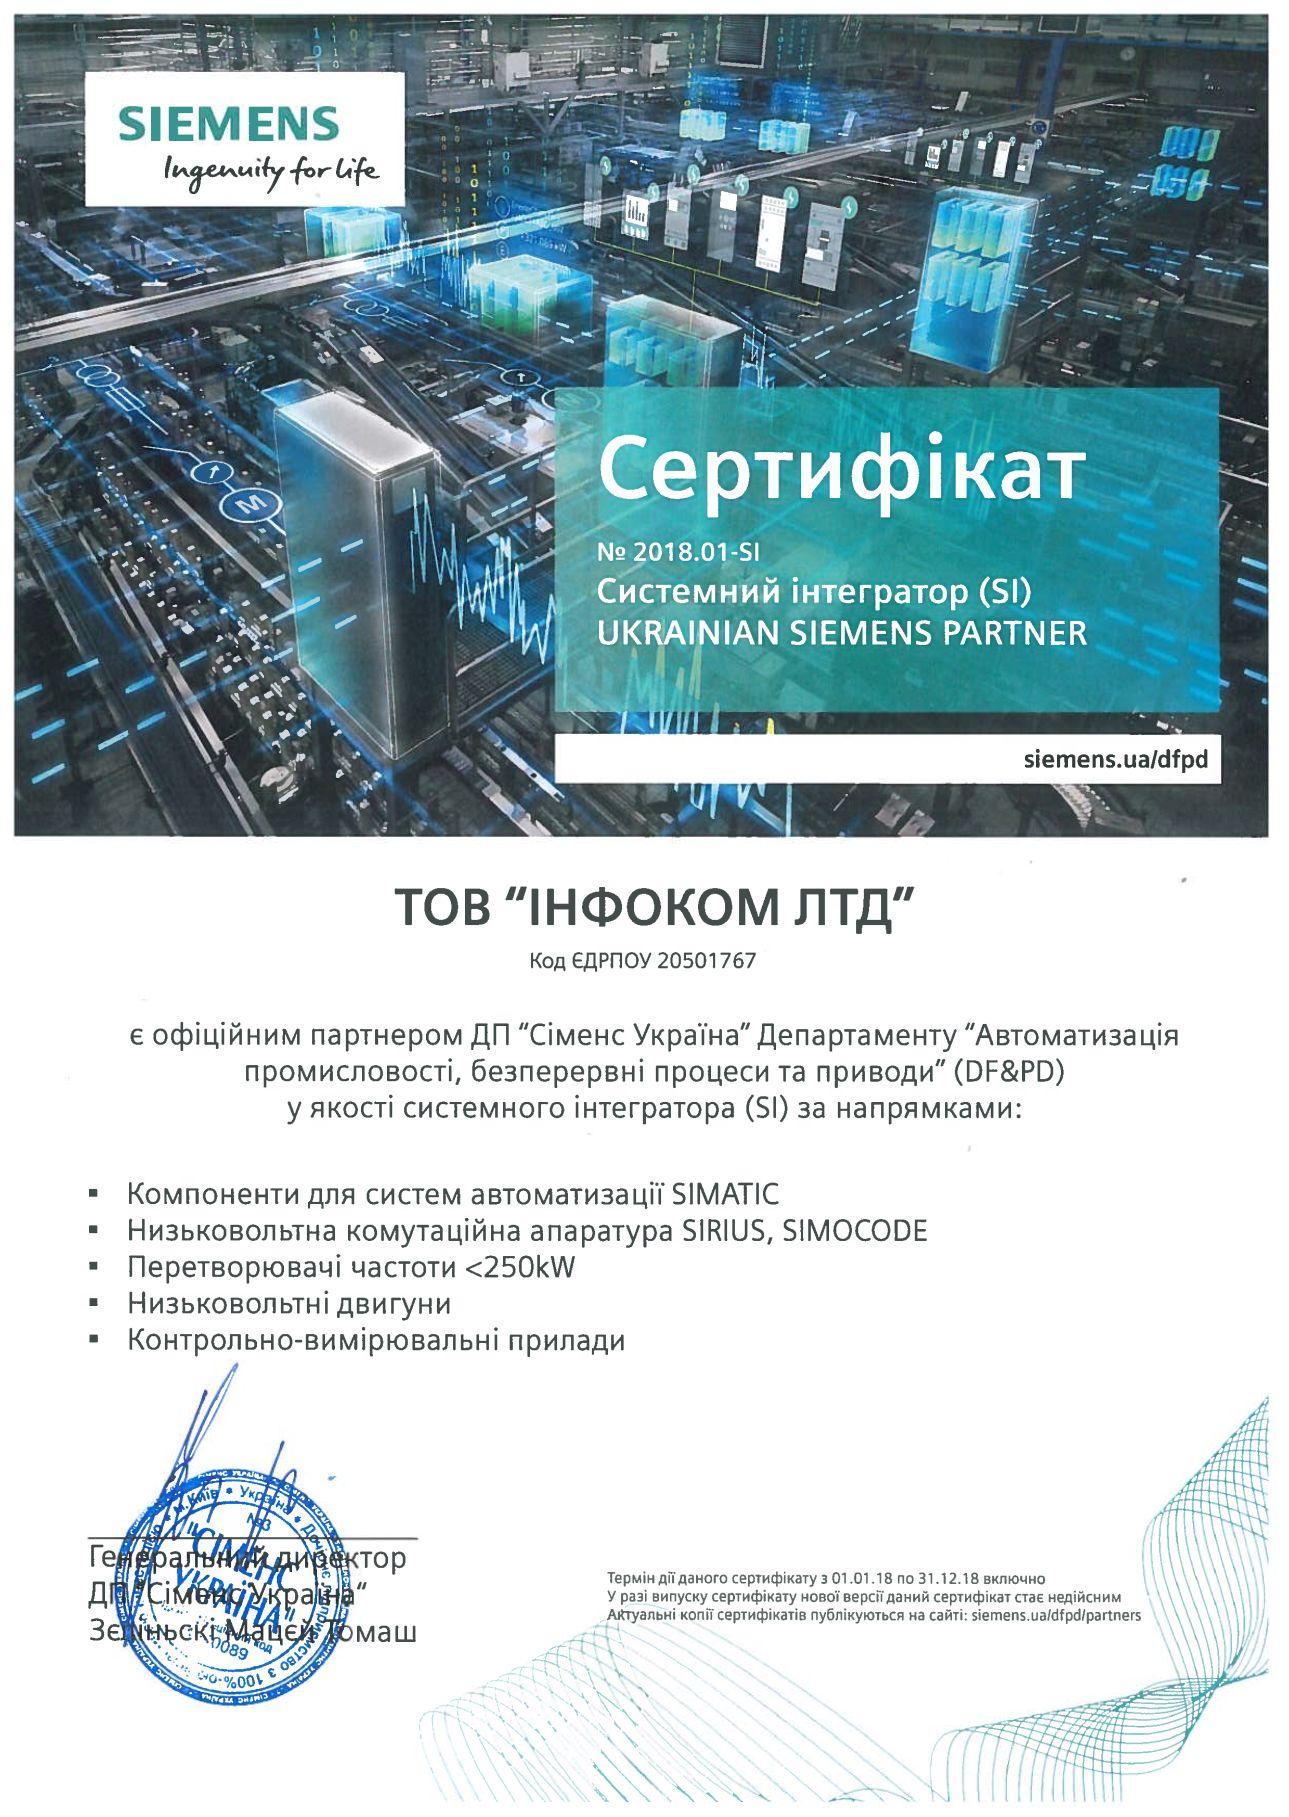 2018-infocom-siemens-certificat